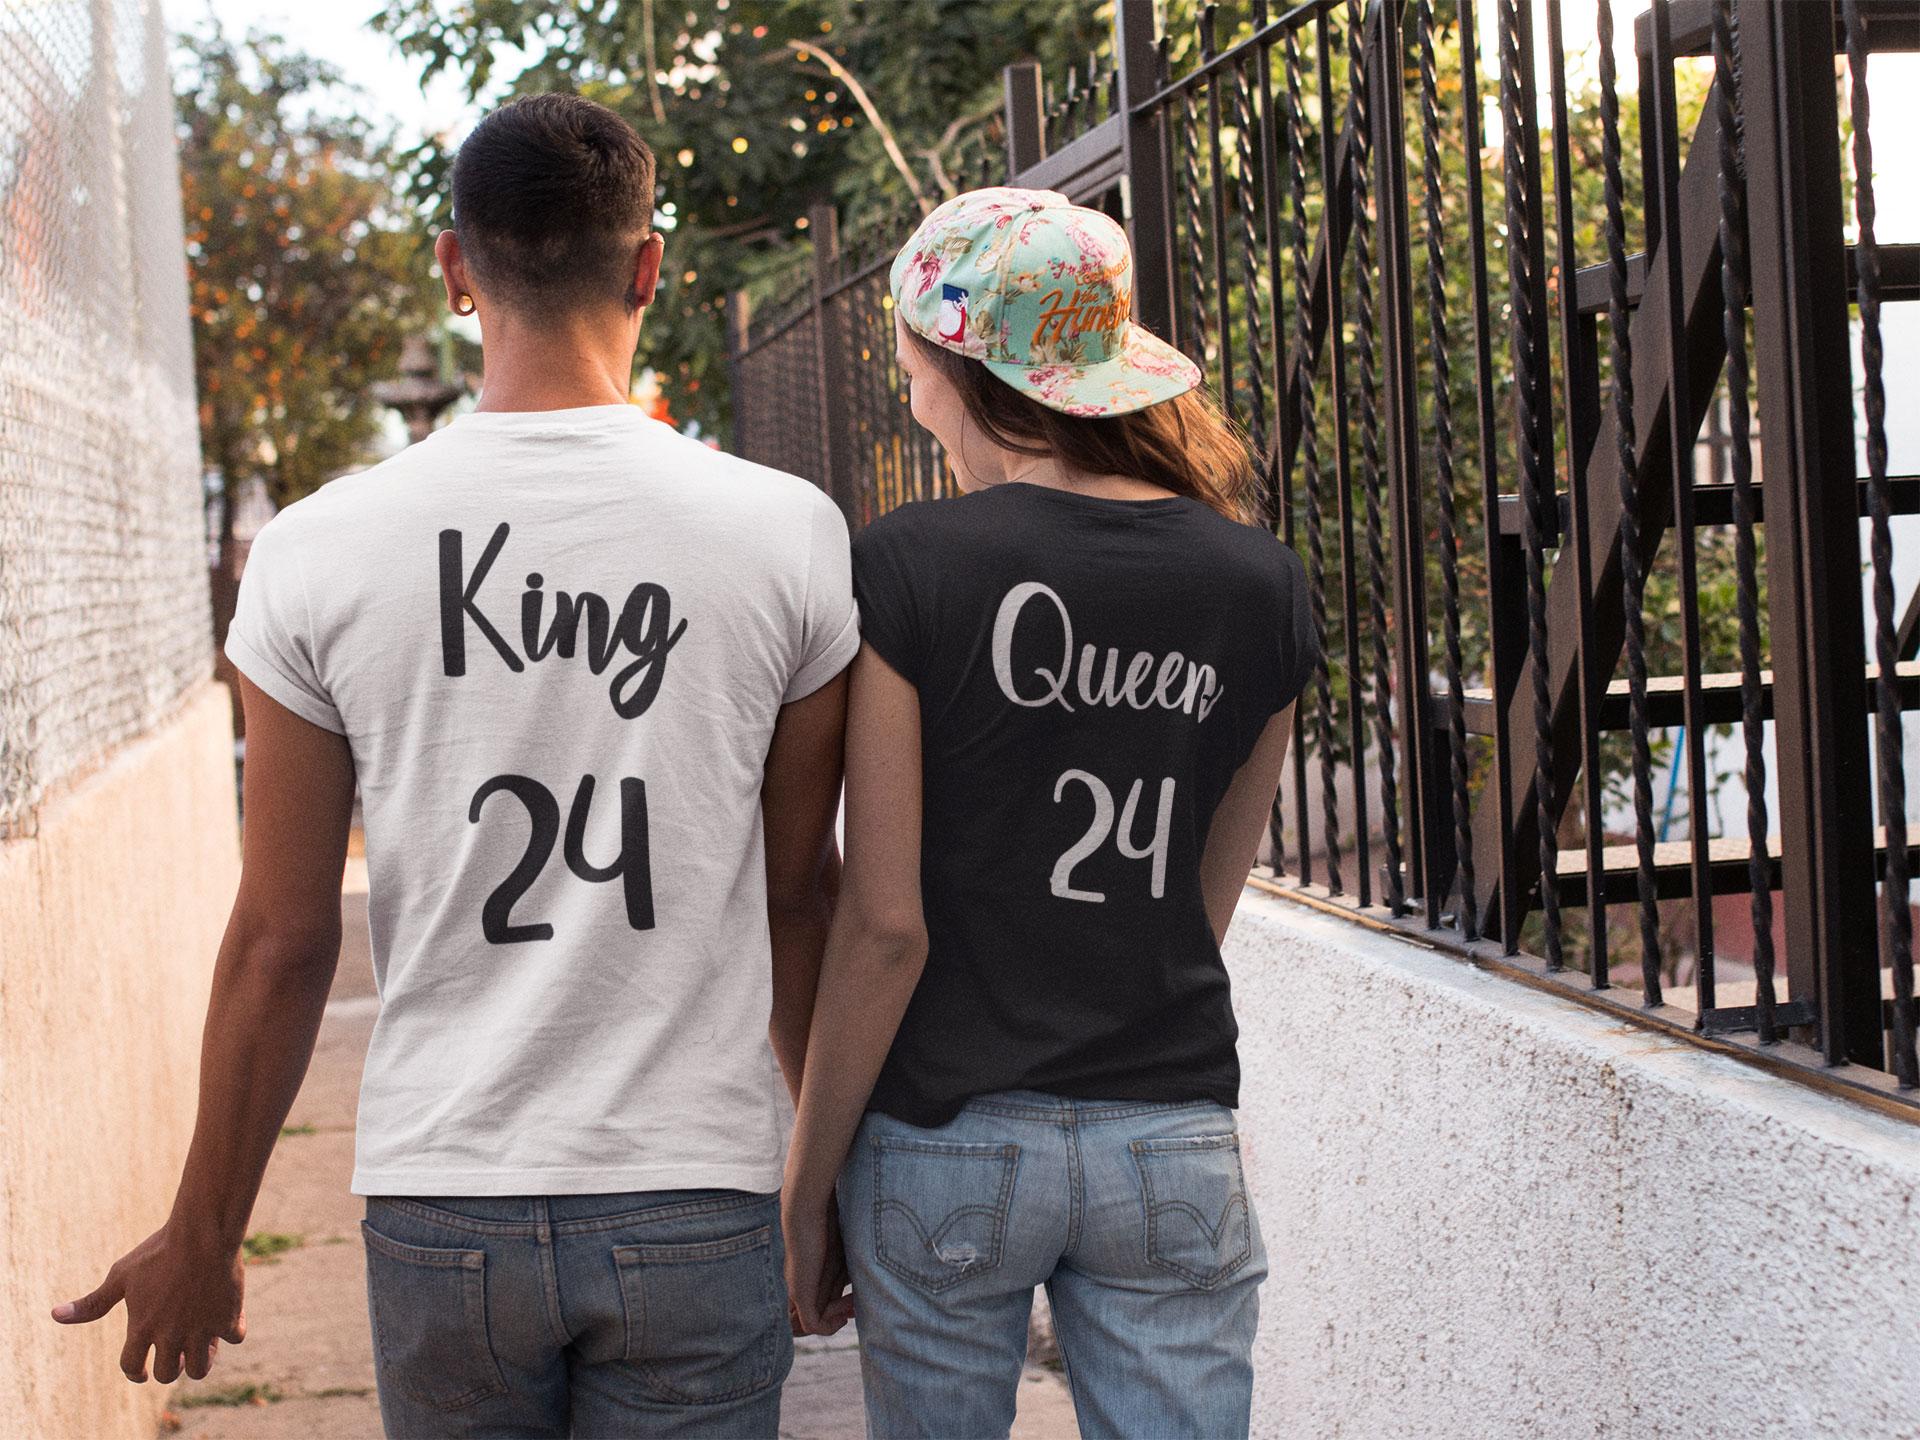 camisetas king y queen blanca y negra